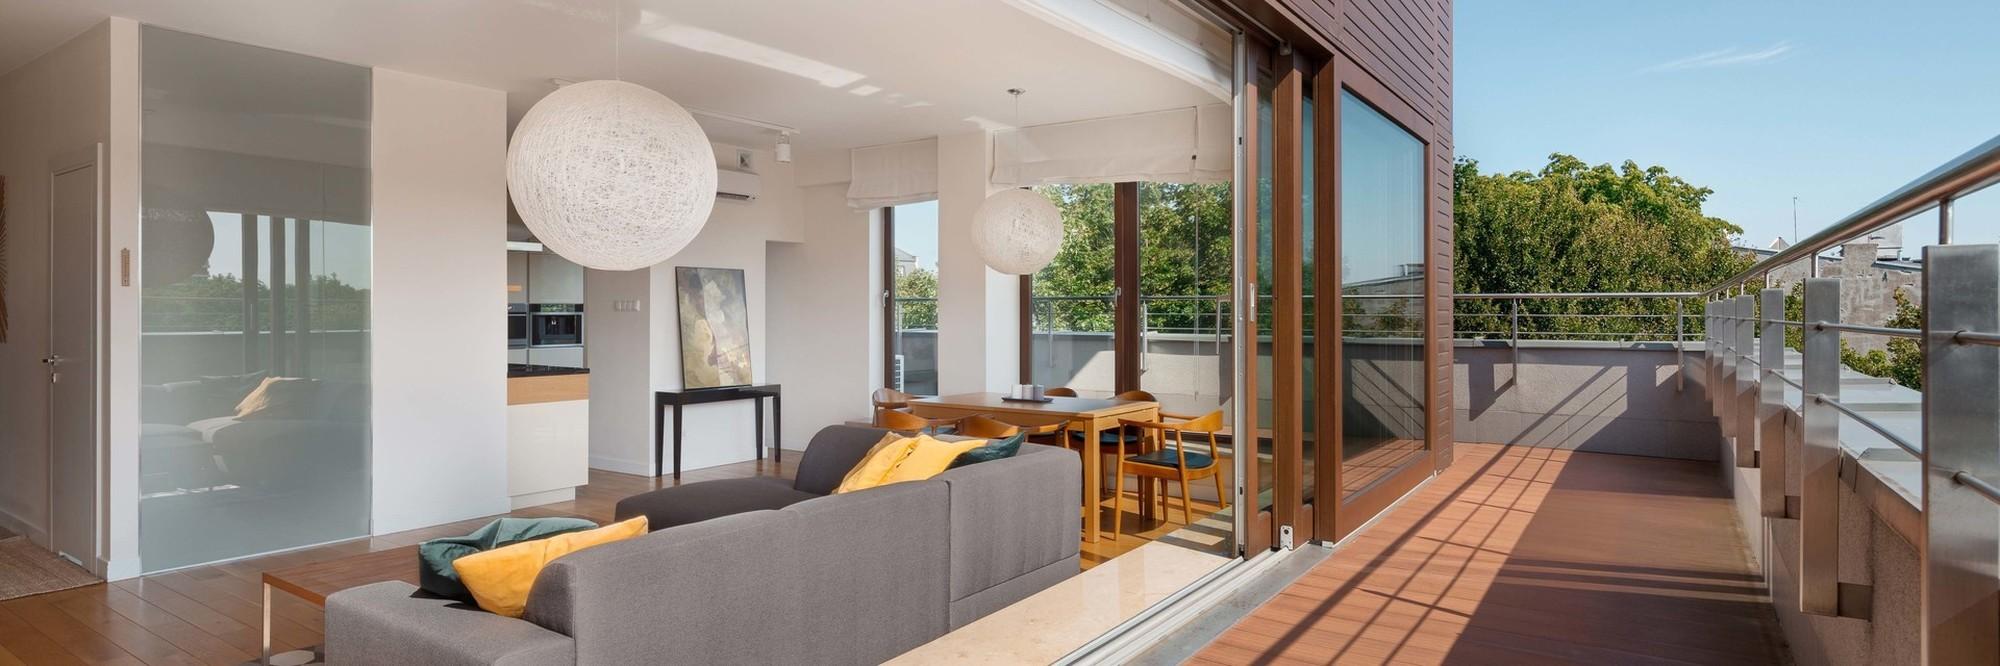 Portes intérieures – terrasses | Menuiserie G.Renard